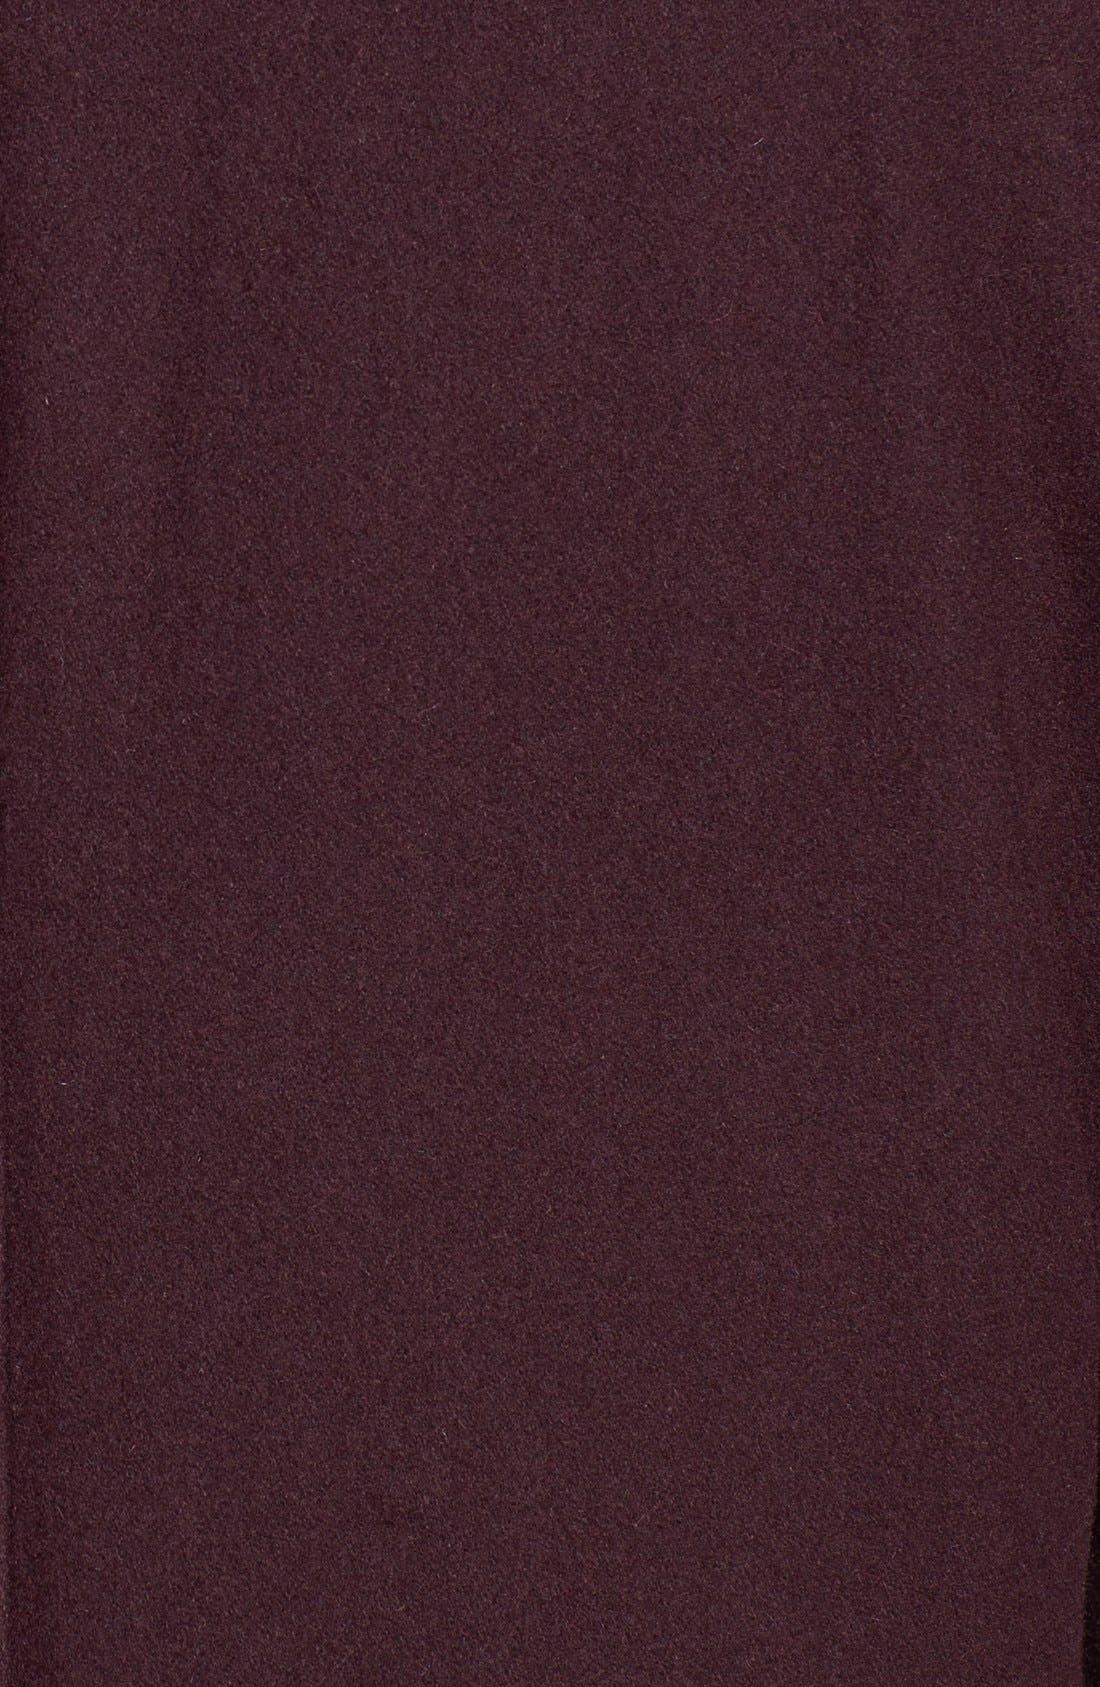 Alternate Image 3  - Michael Kors 'San Diego' Wool Blend Peacoat (Online Exclusive)